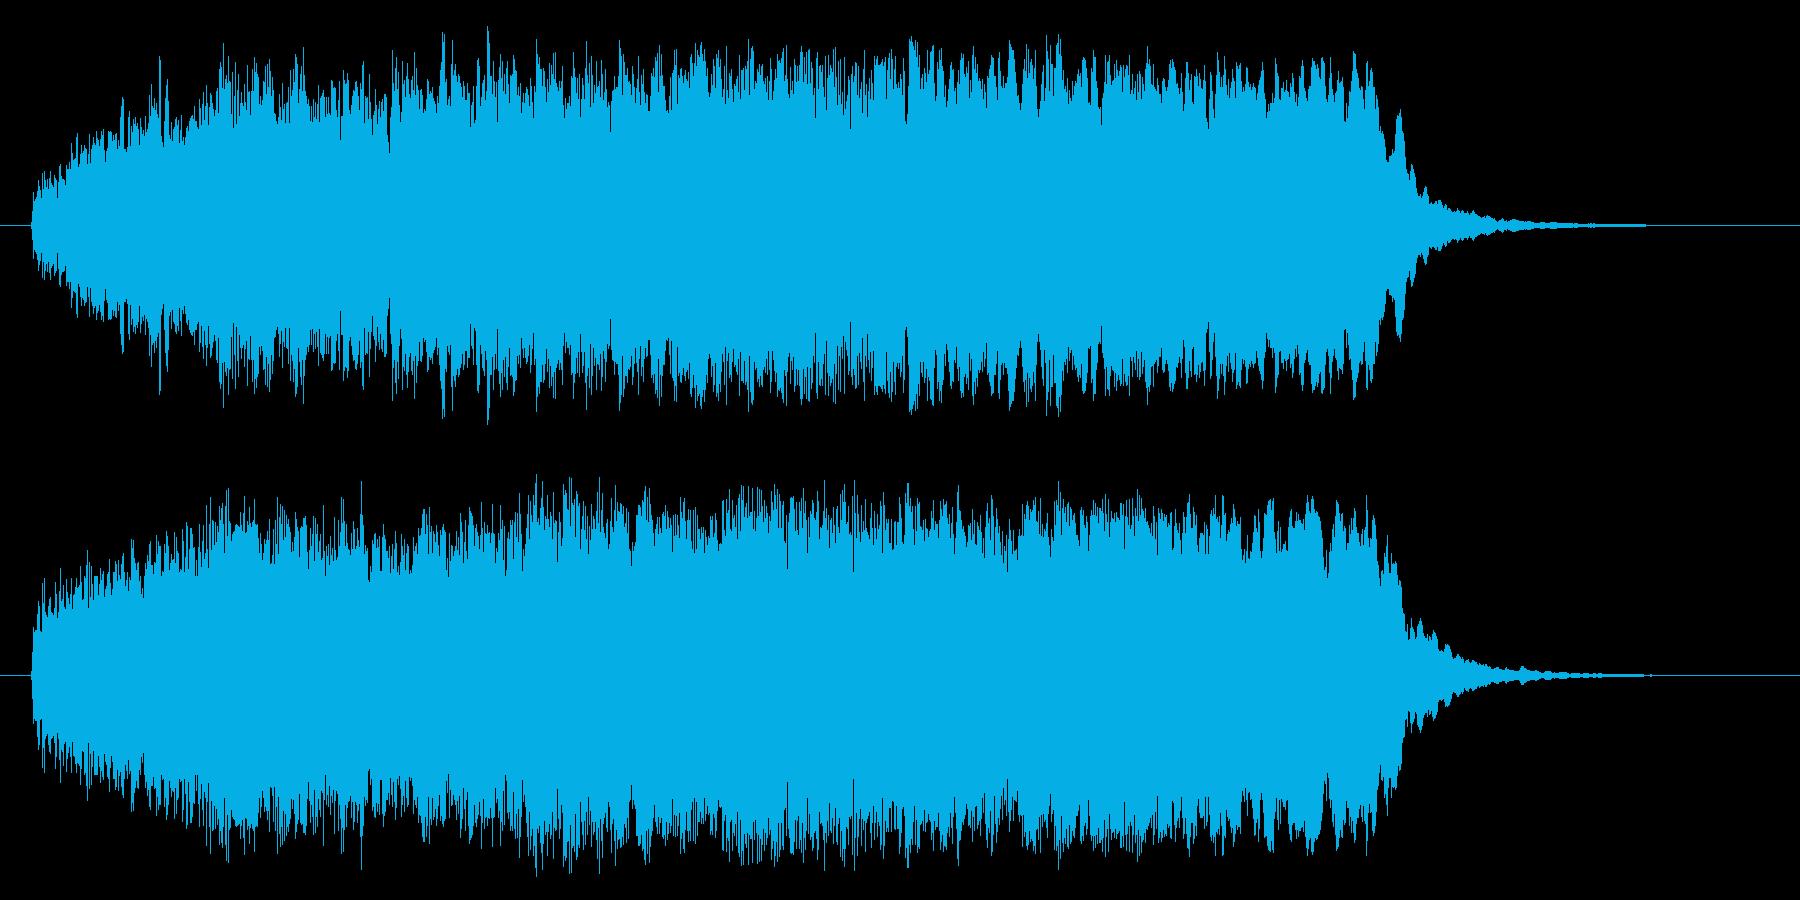 壮大で豪華な管楽器シンセサウンドの再生済みの波形